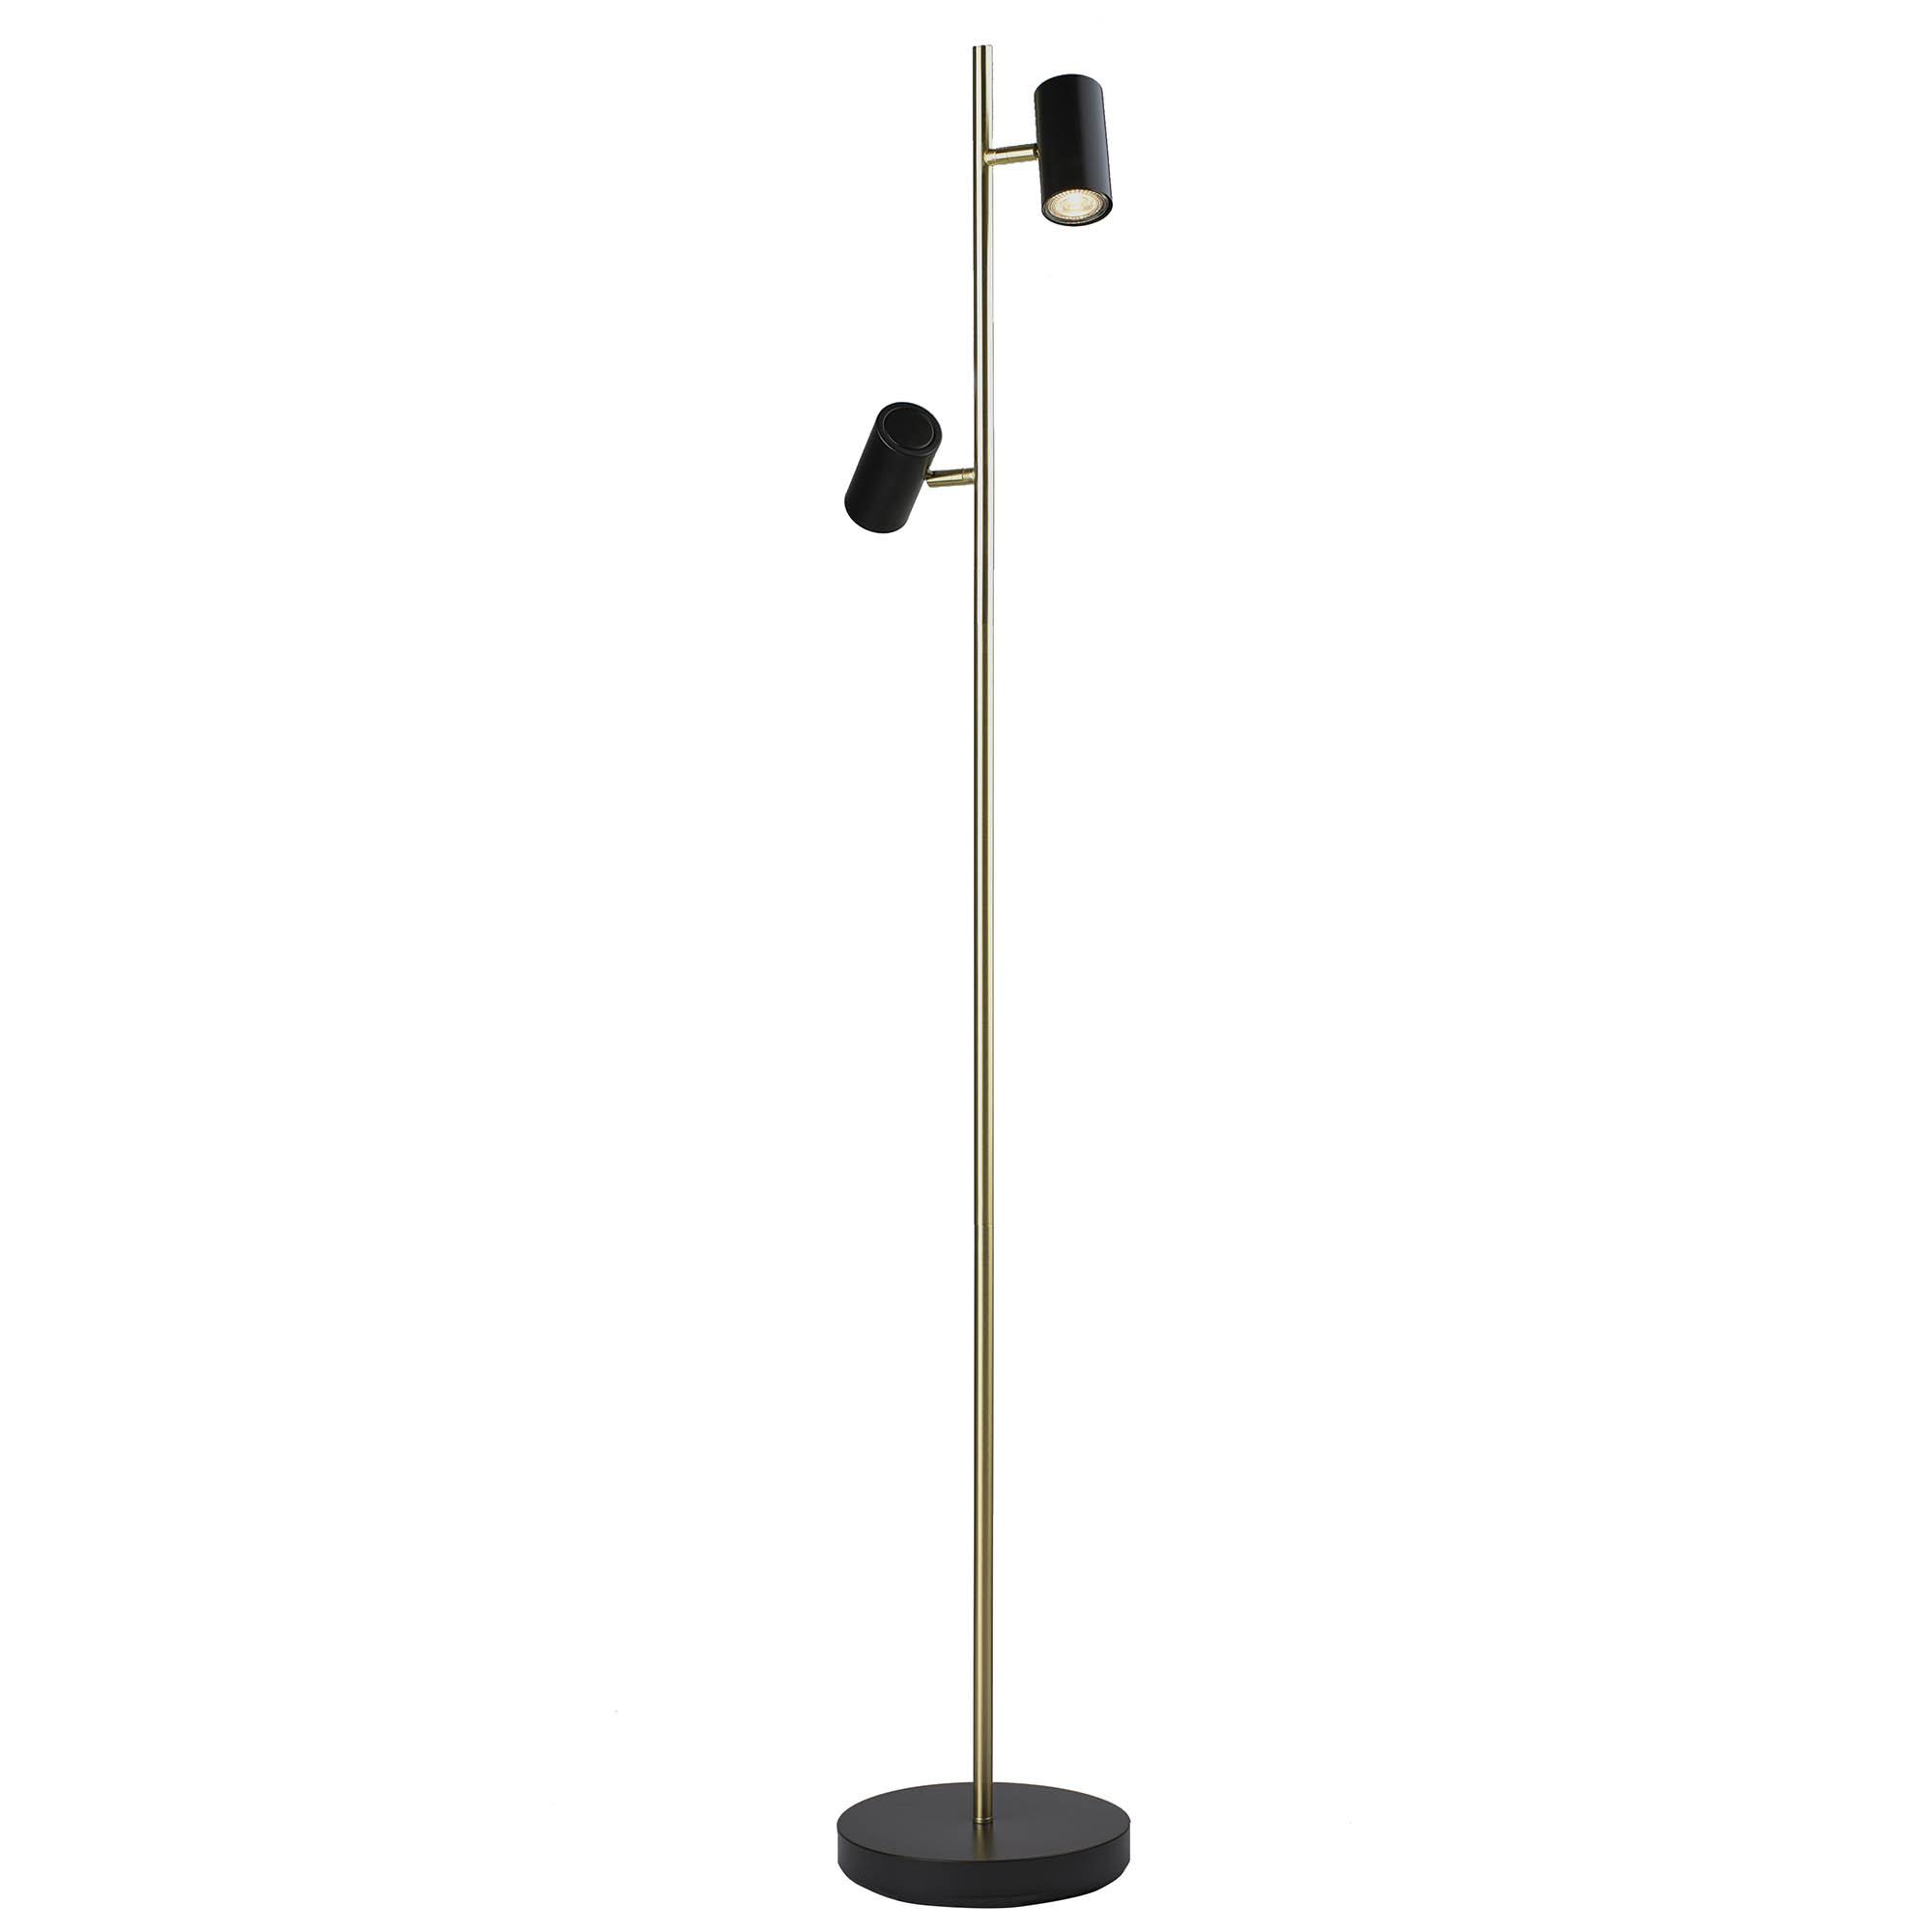 Highlight Vloerlamp Burgos 2 lichts H 142 cm zwart goud